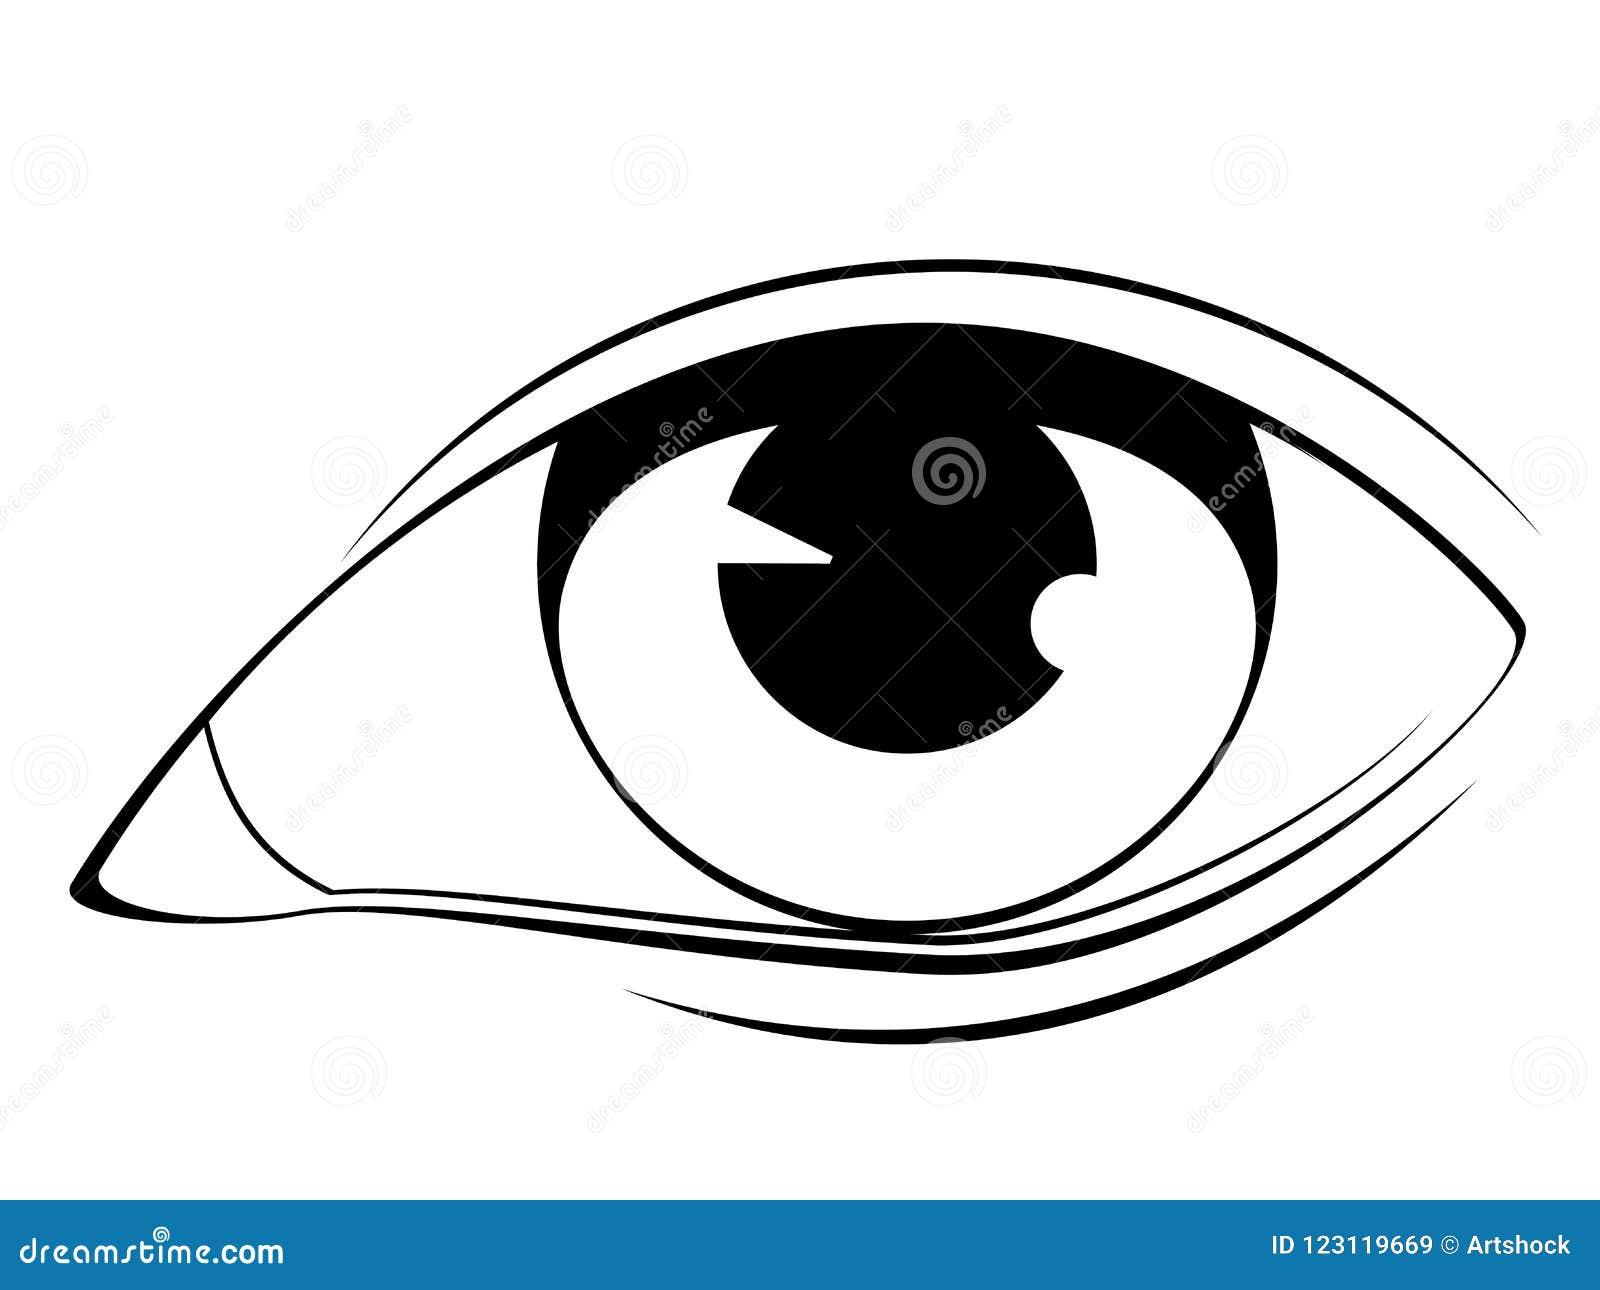 Human Eye In Black And White Stock Vector Illustration of eyeball